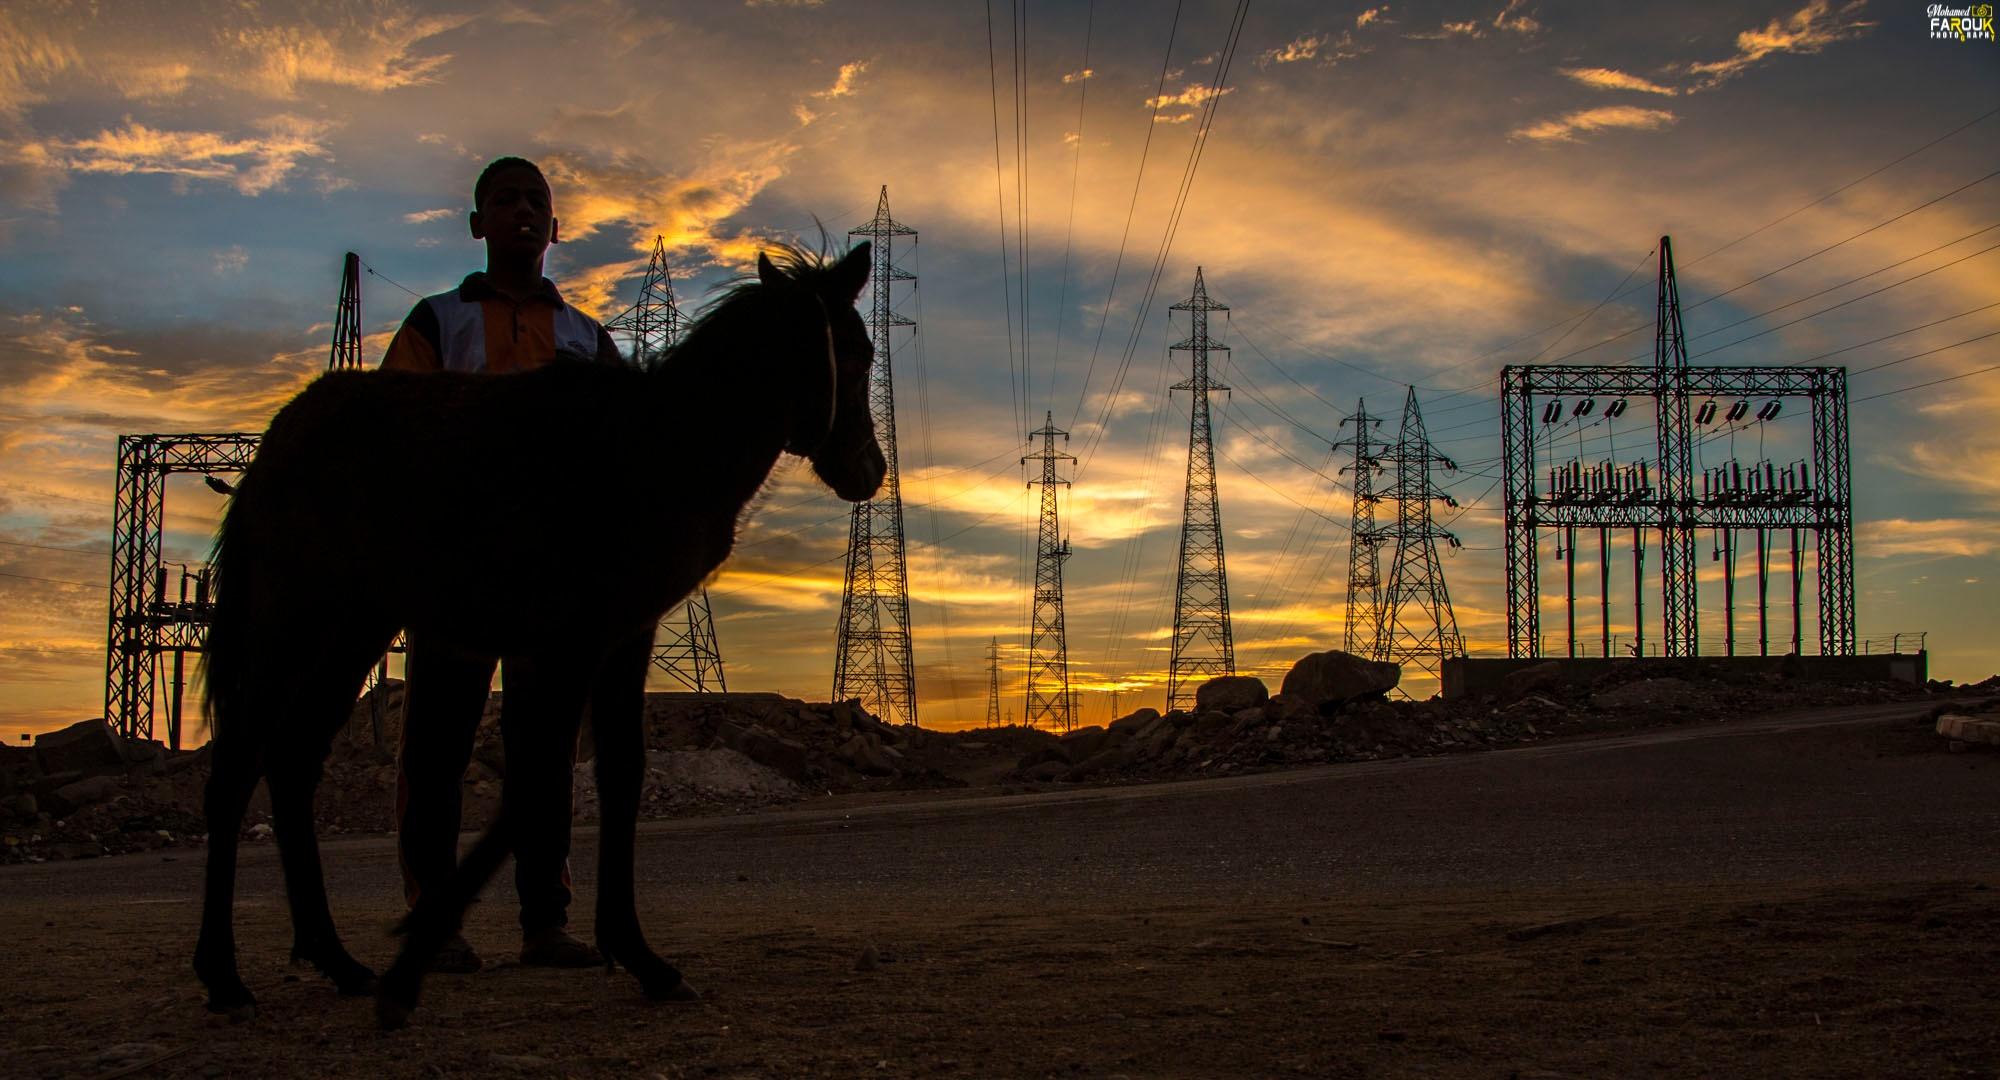 Sunset -aswan - Egypt by mohamedfarouk54738